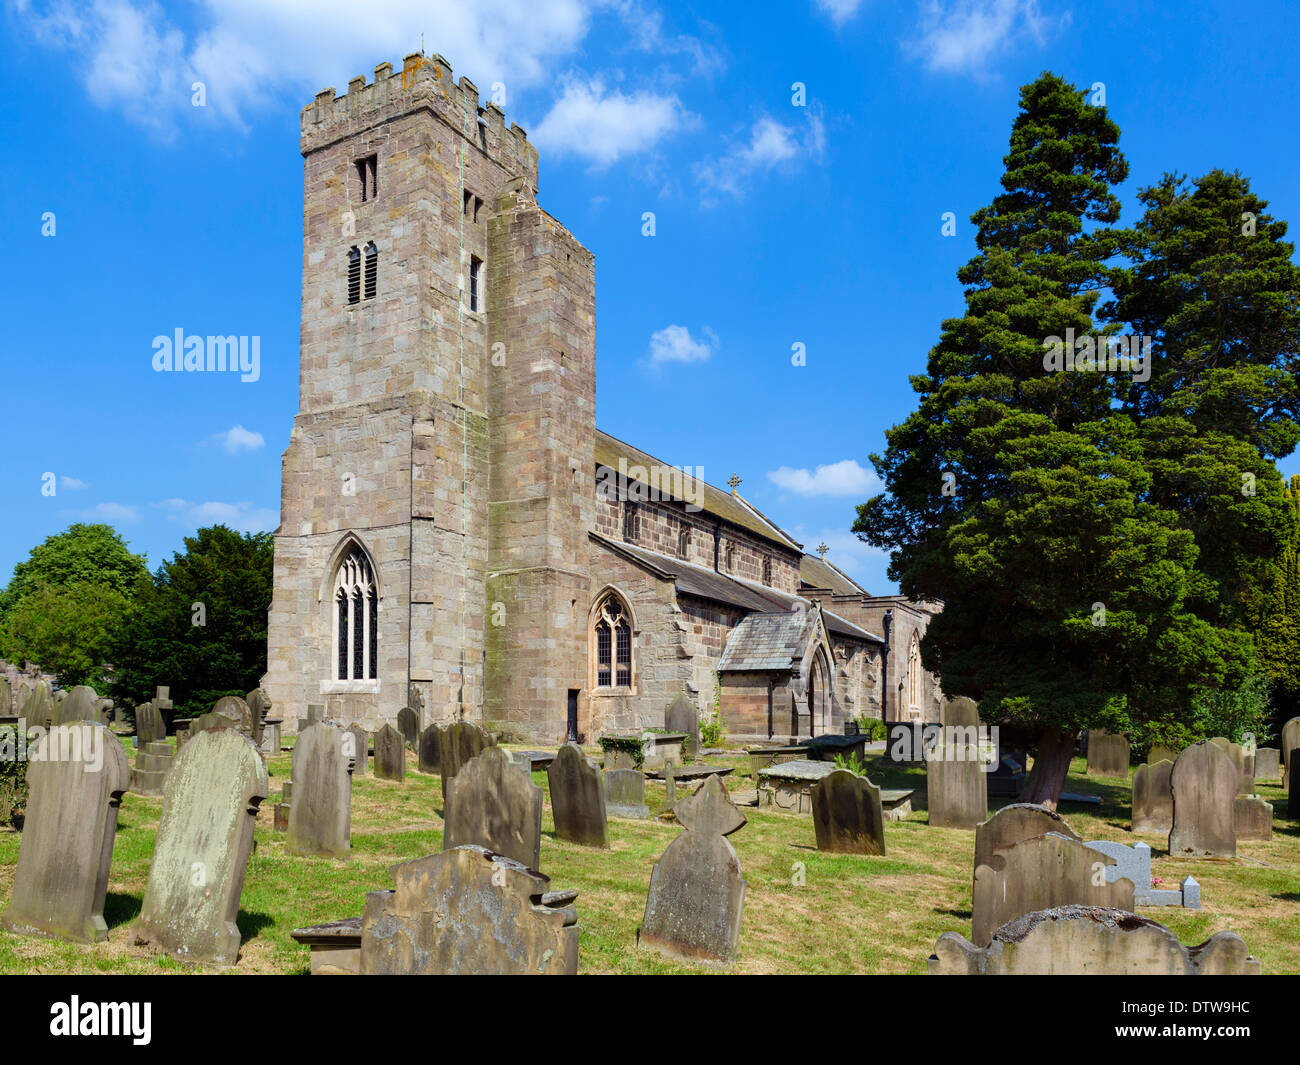 All Saints Church, dans le pittoresque village de Ripley, North Yorkshire, England, UK Photo Stock